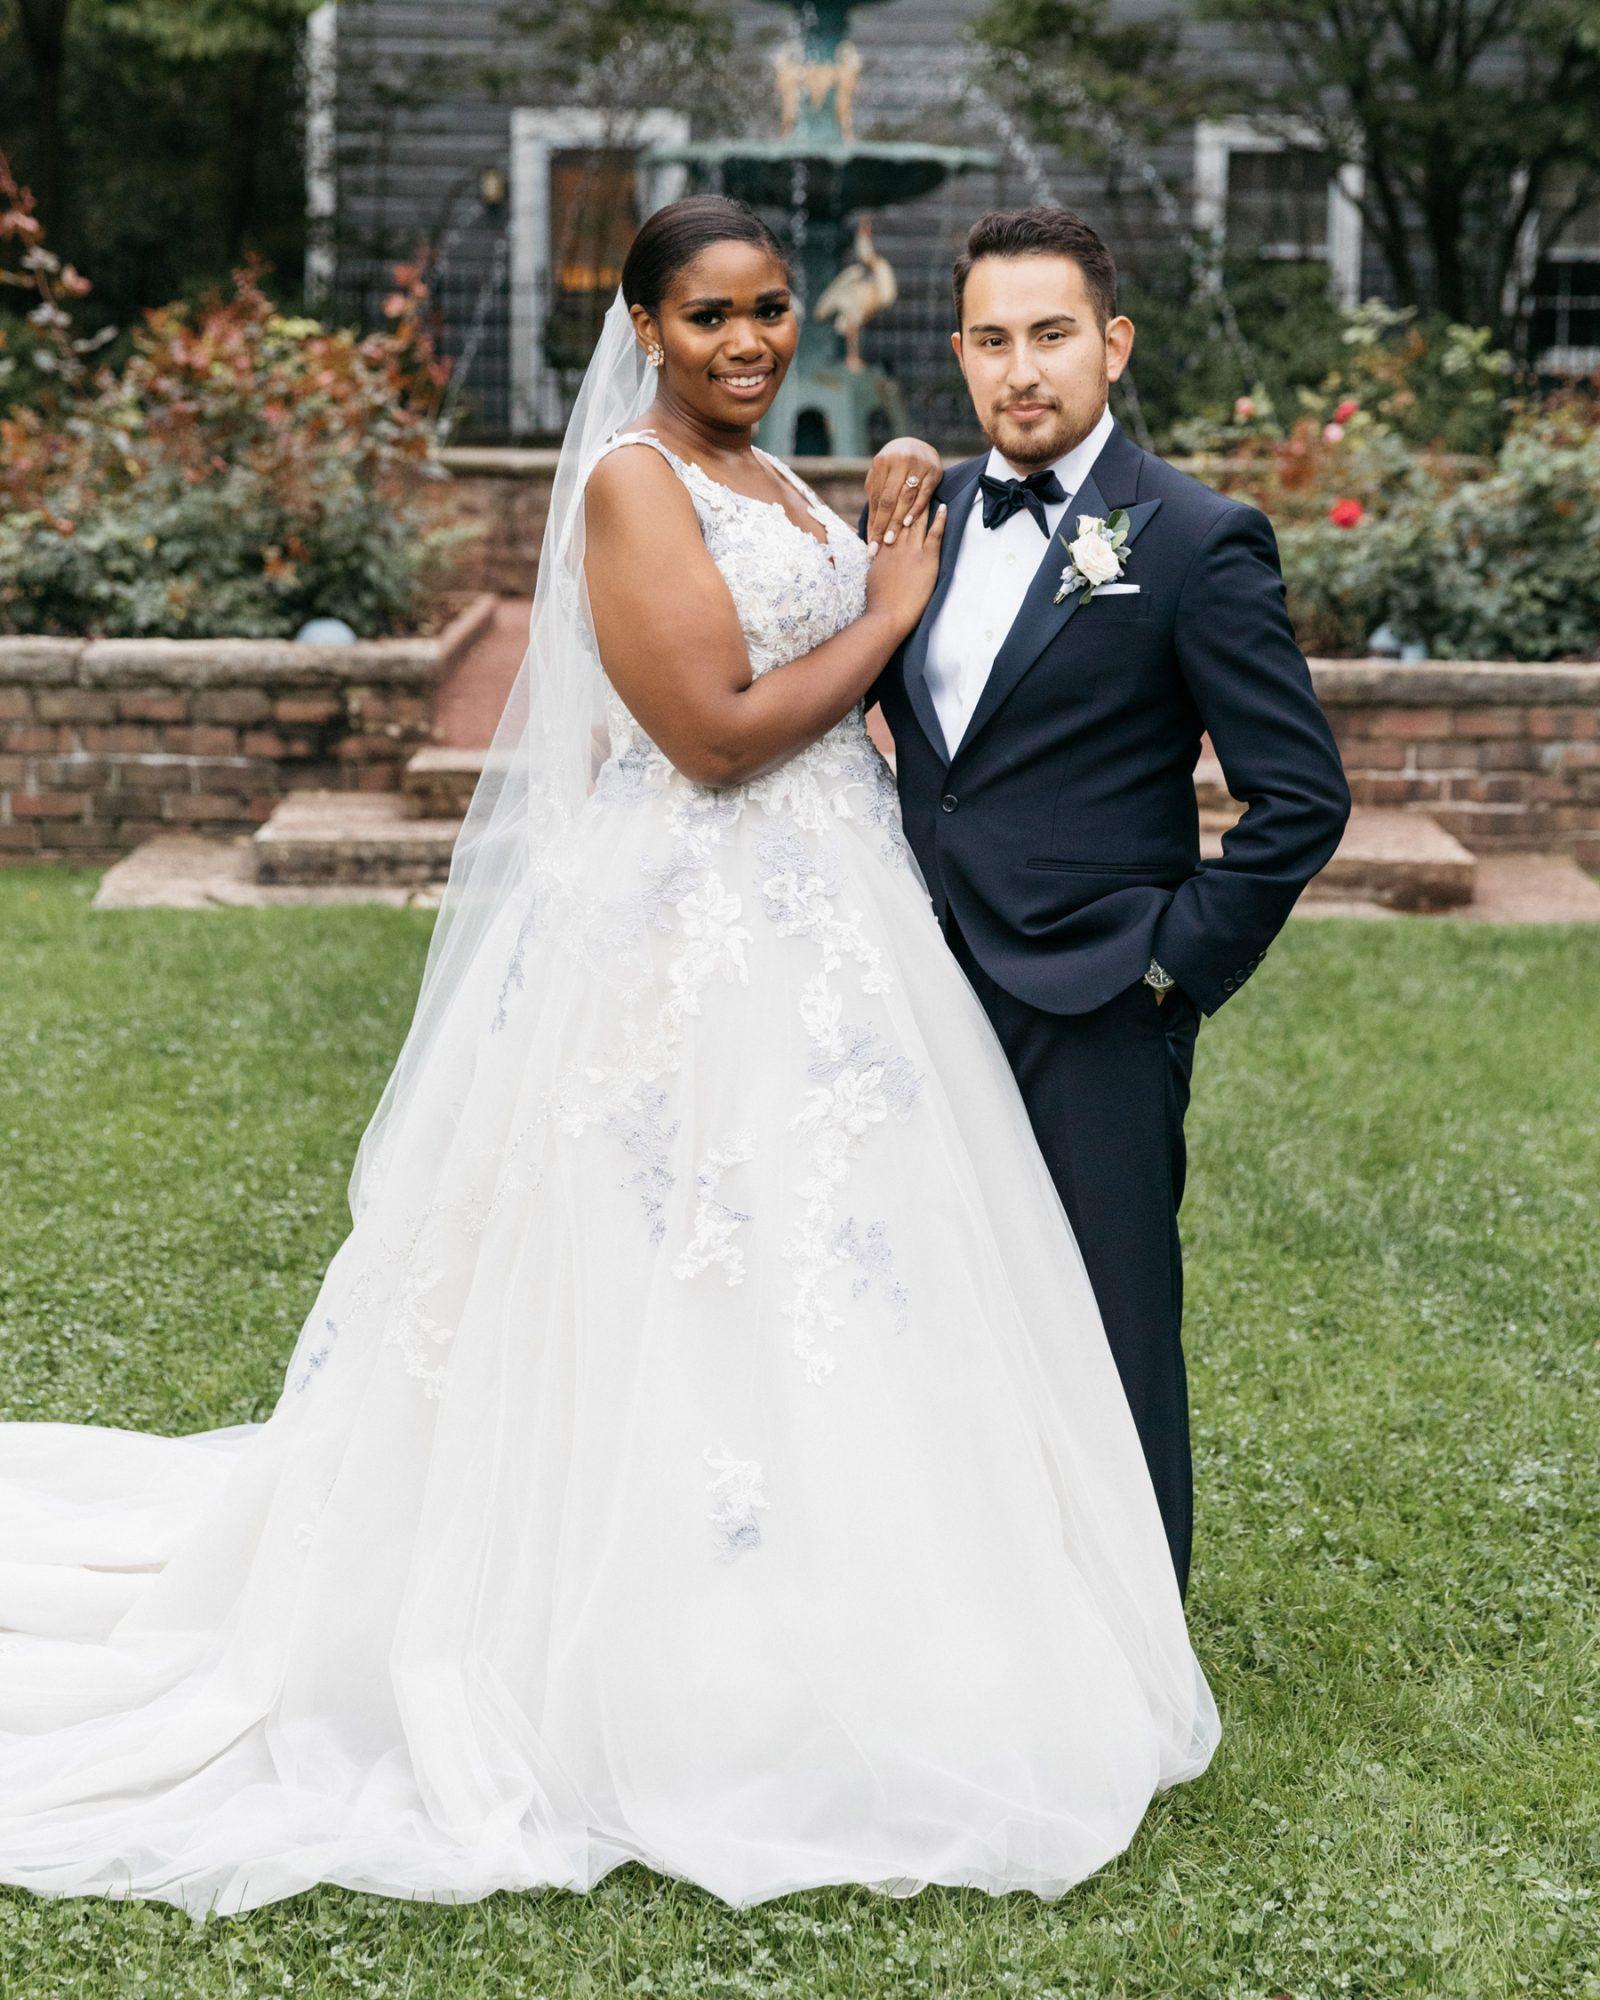 outdoor portrait bride and groom